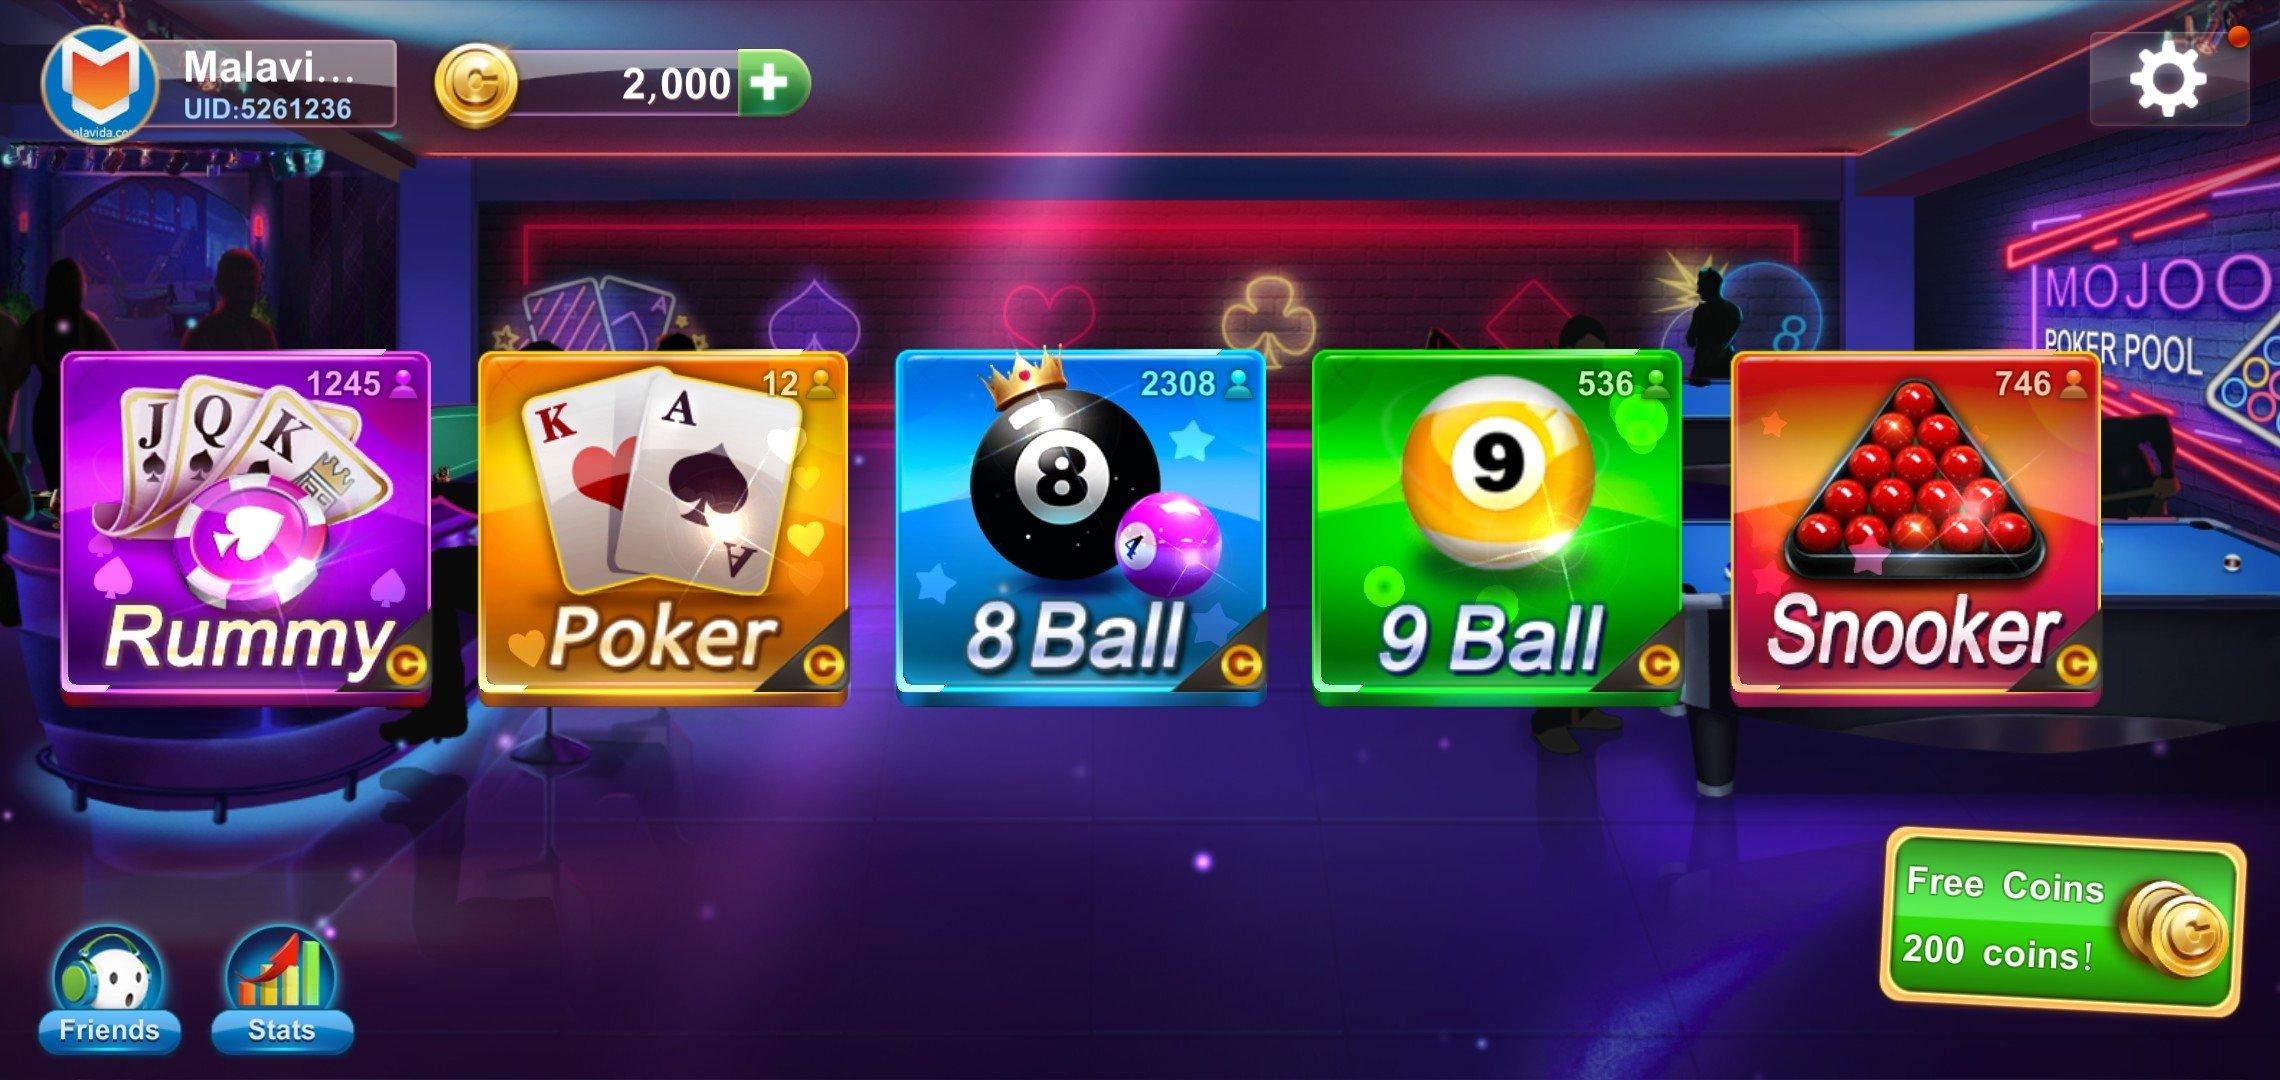 Покер бильярд онлайн игровые автоматы адмирал скачать